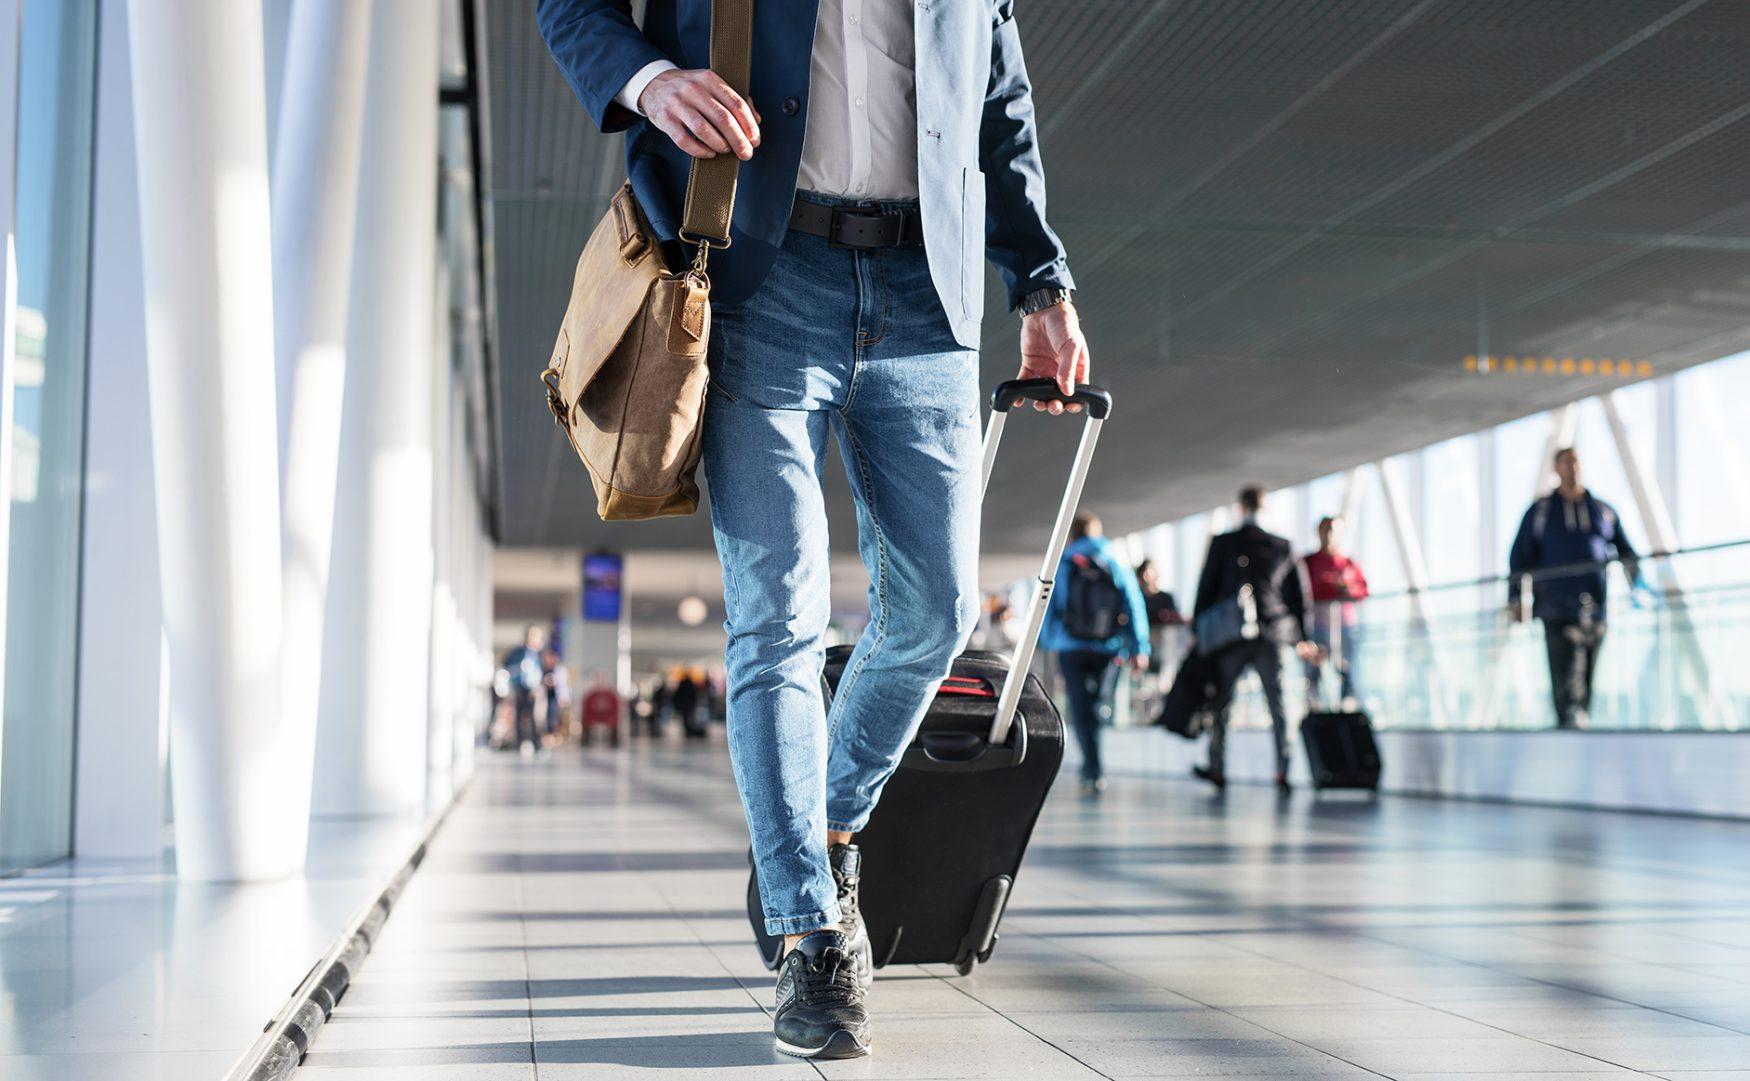 man walking through terminal with luggage